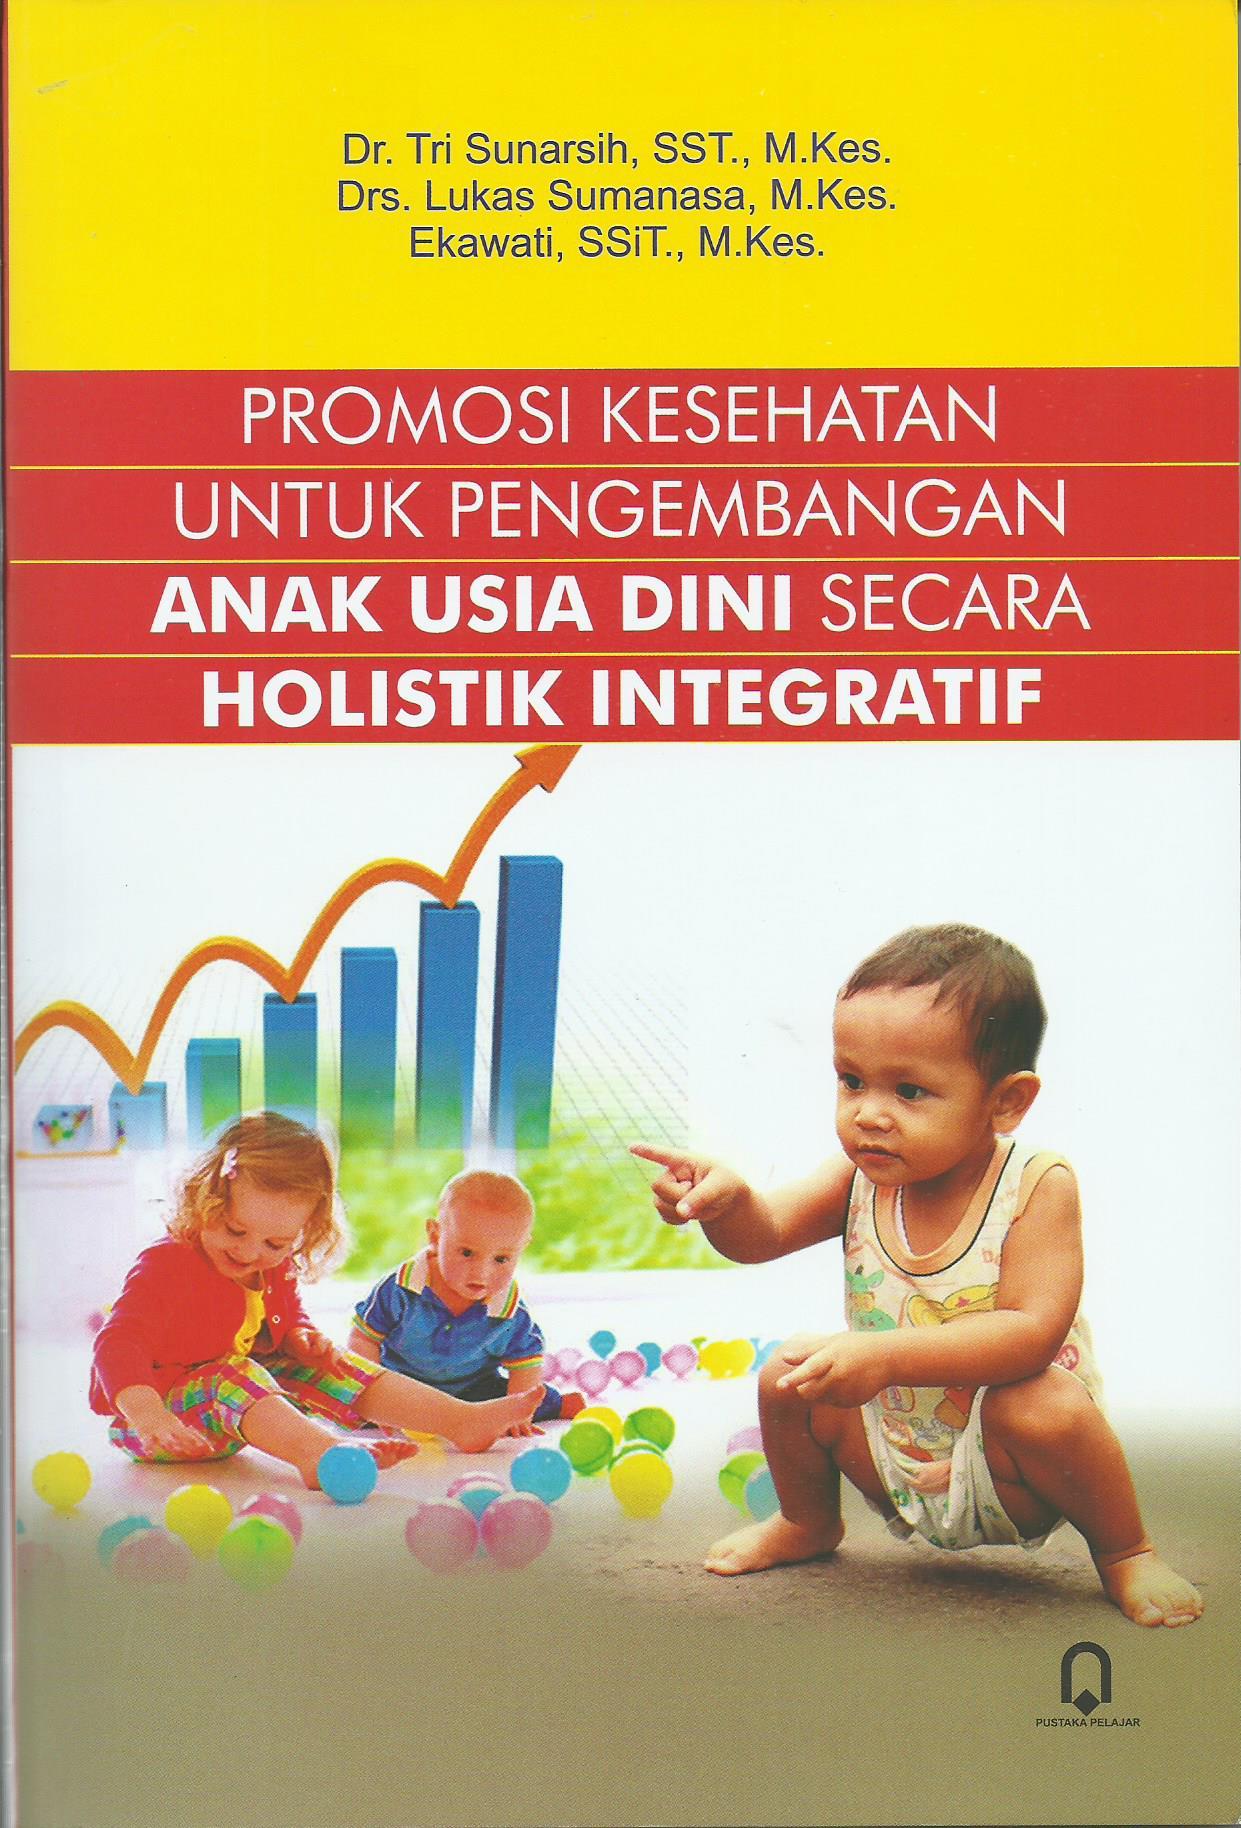 Promosi Kesehatan Untuk Pengembangan Anak Usia Dini Secara Holistik Intehratif